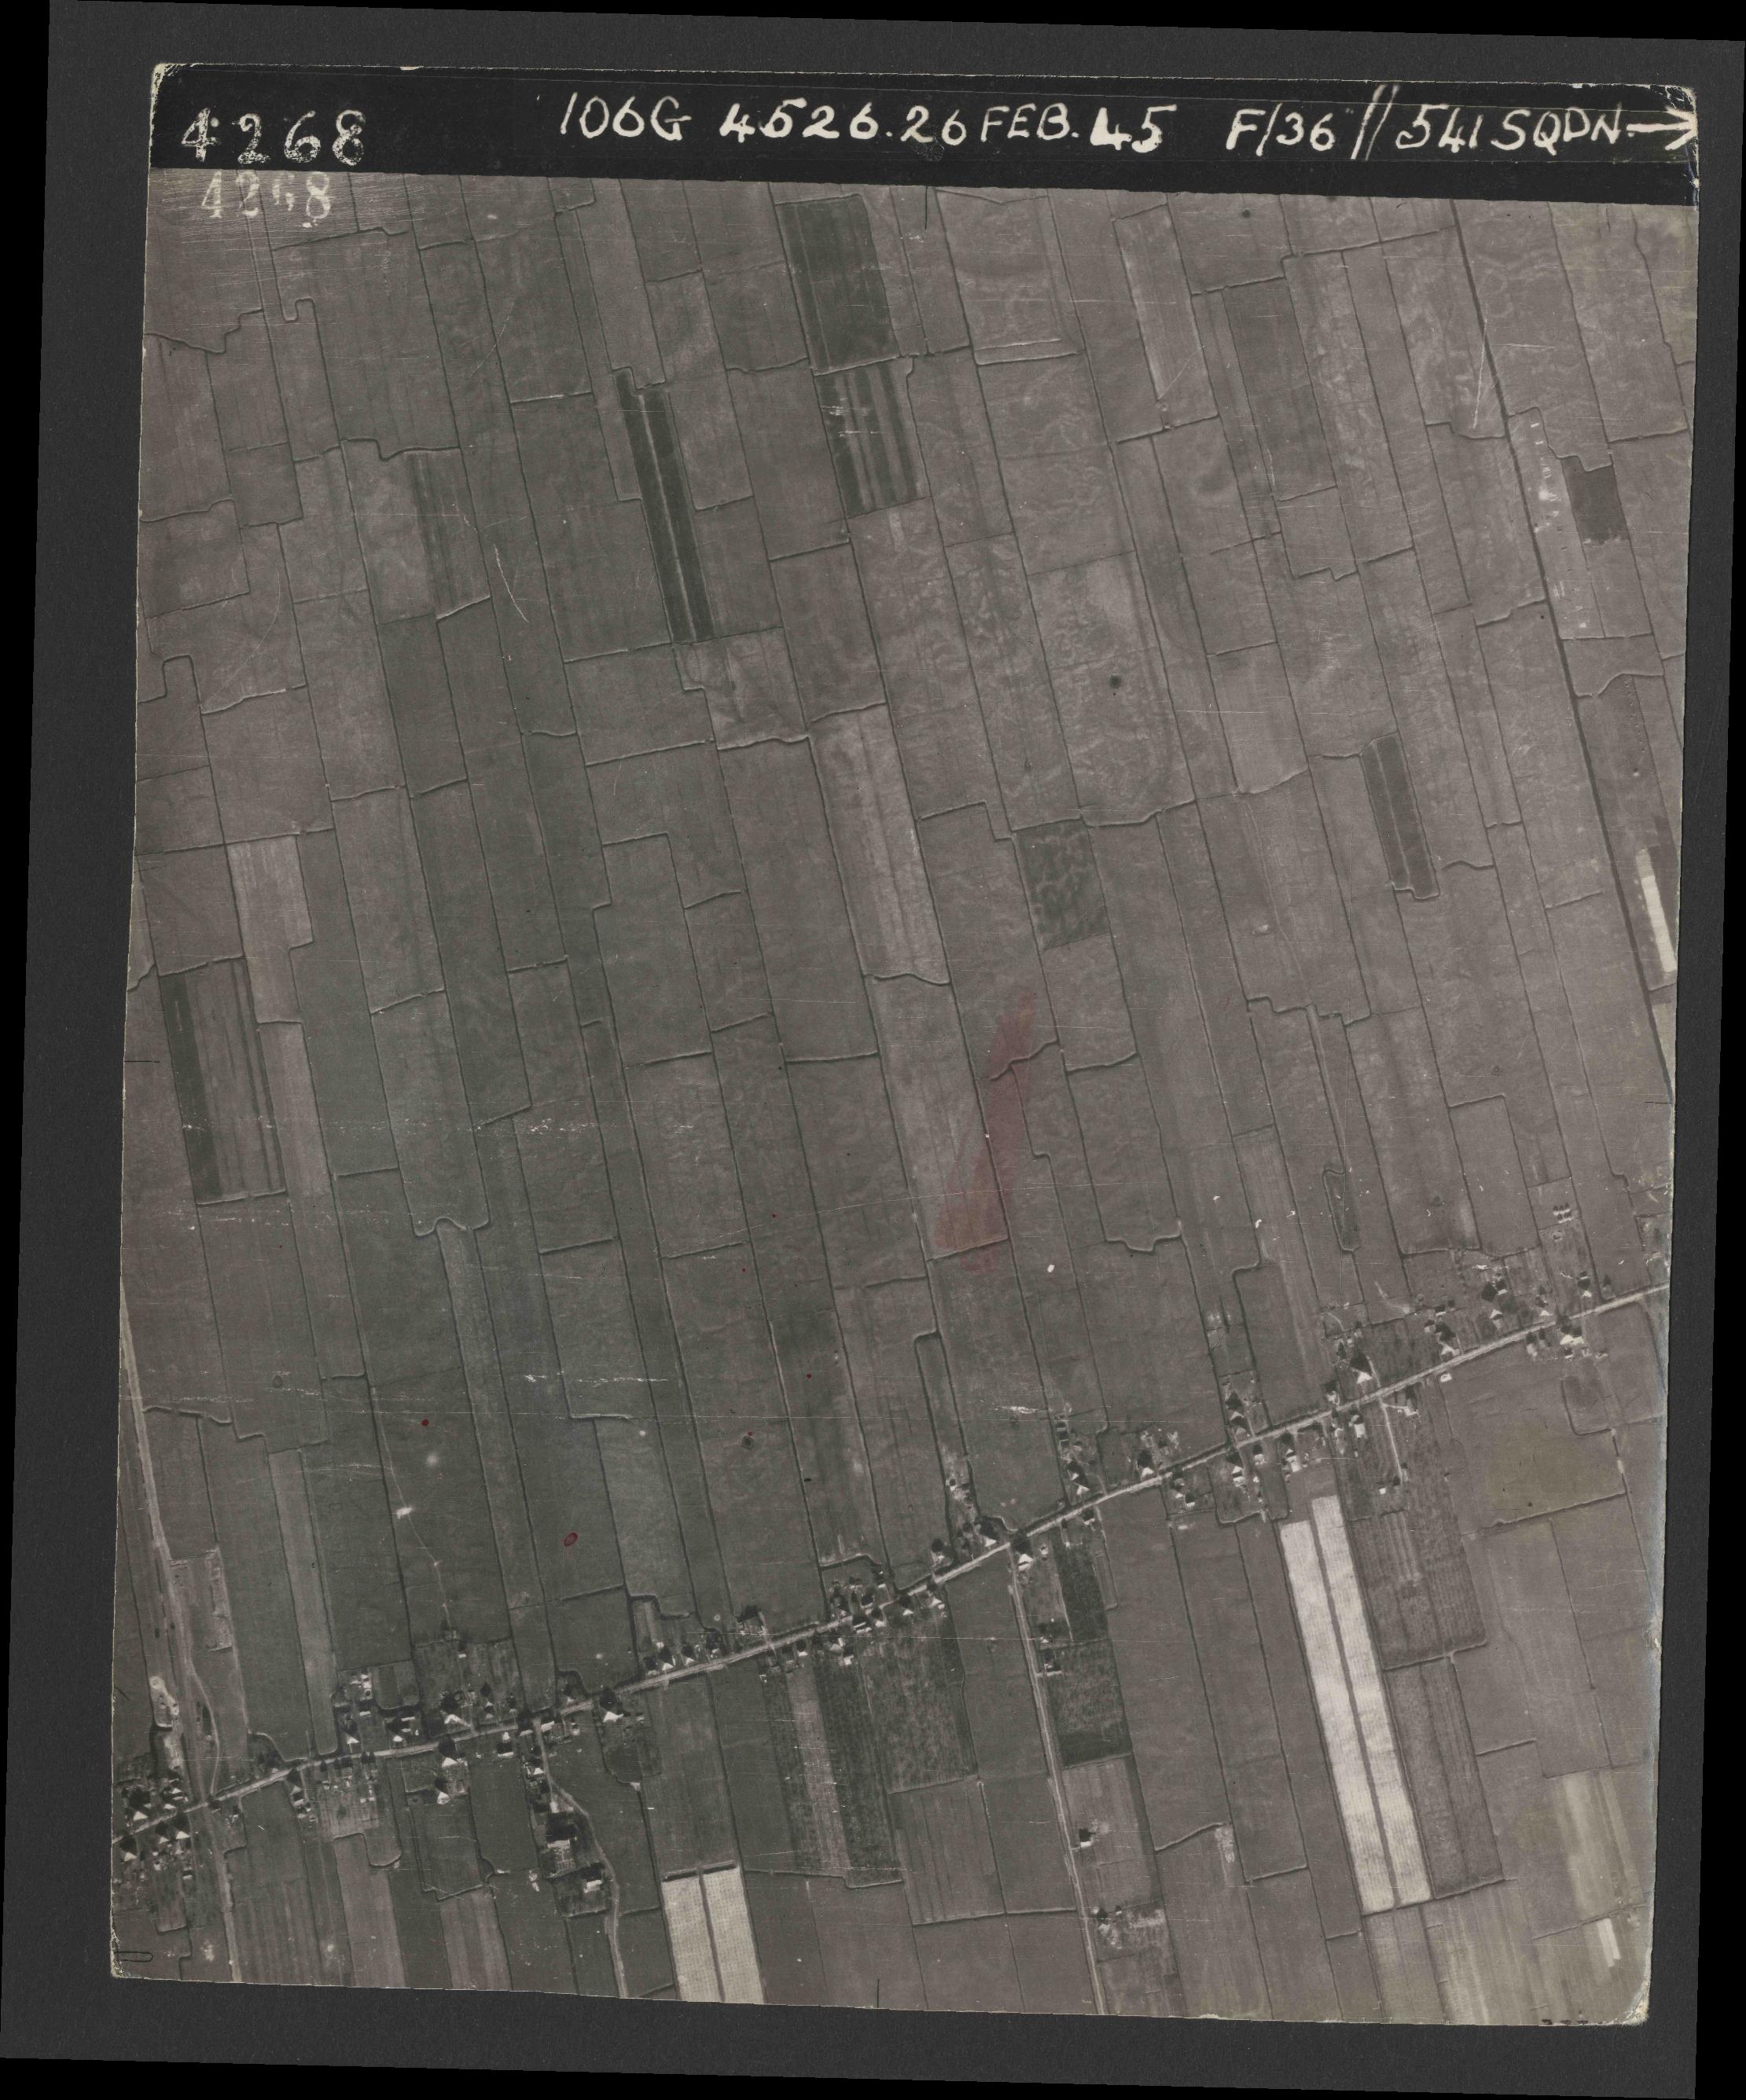 Collection RAF aerial photos 1940-1945 - flight 101, run 02, photo 4268